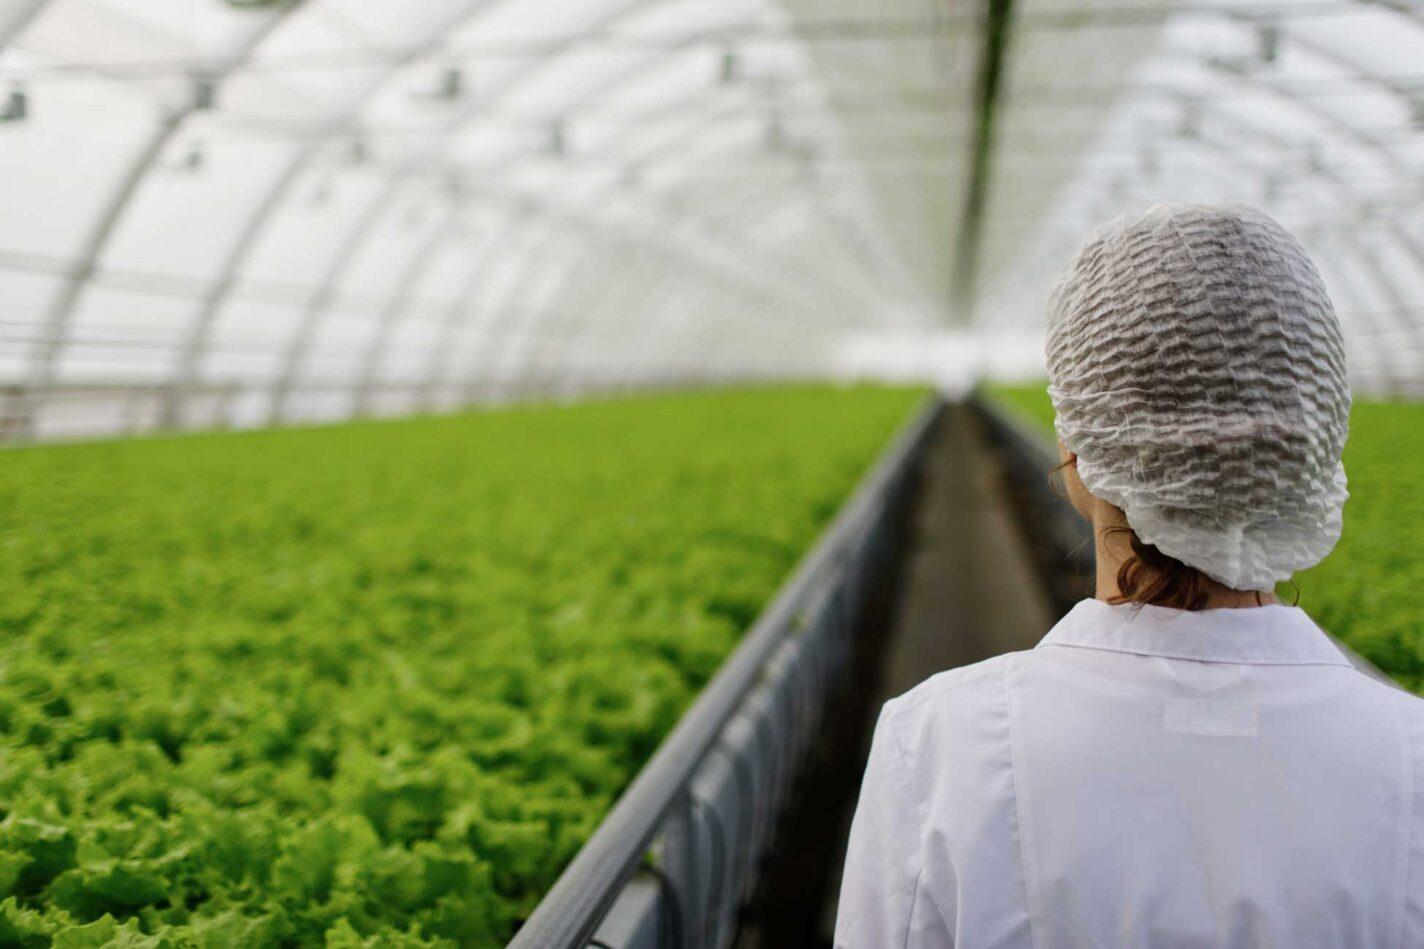 La agricultura ecológica en invernadero